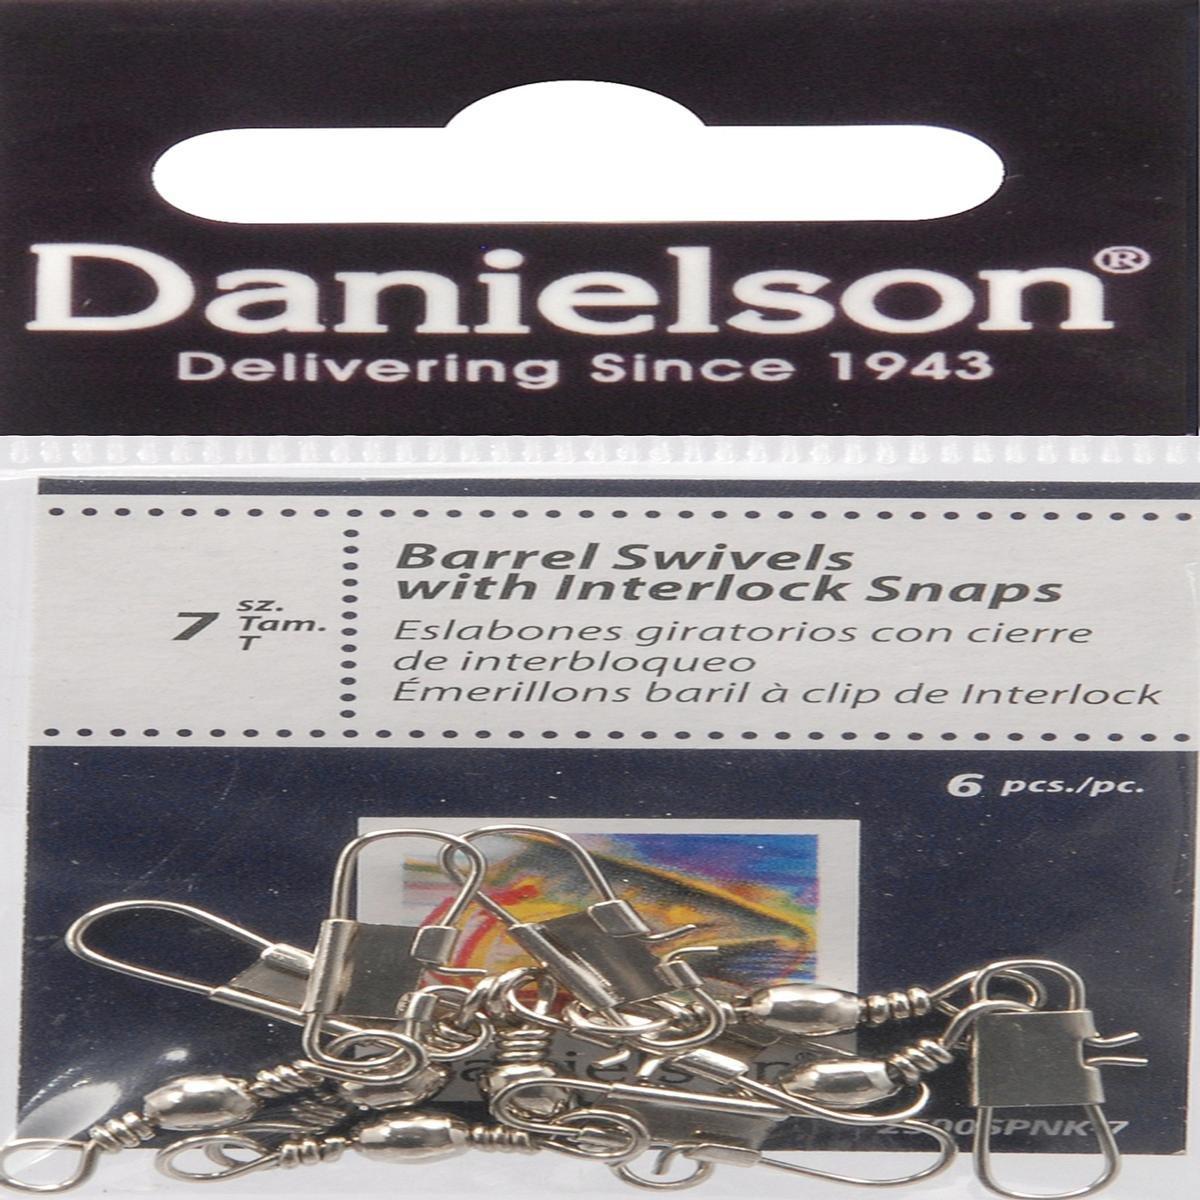 ダニエルソンSwivelバレル/インテルスナップnk7釣り機器   B009QP7PQM